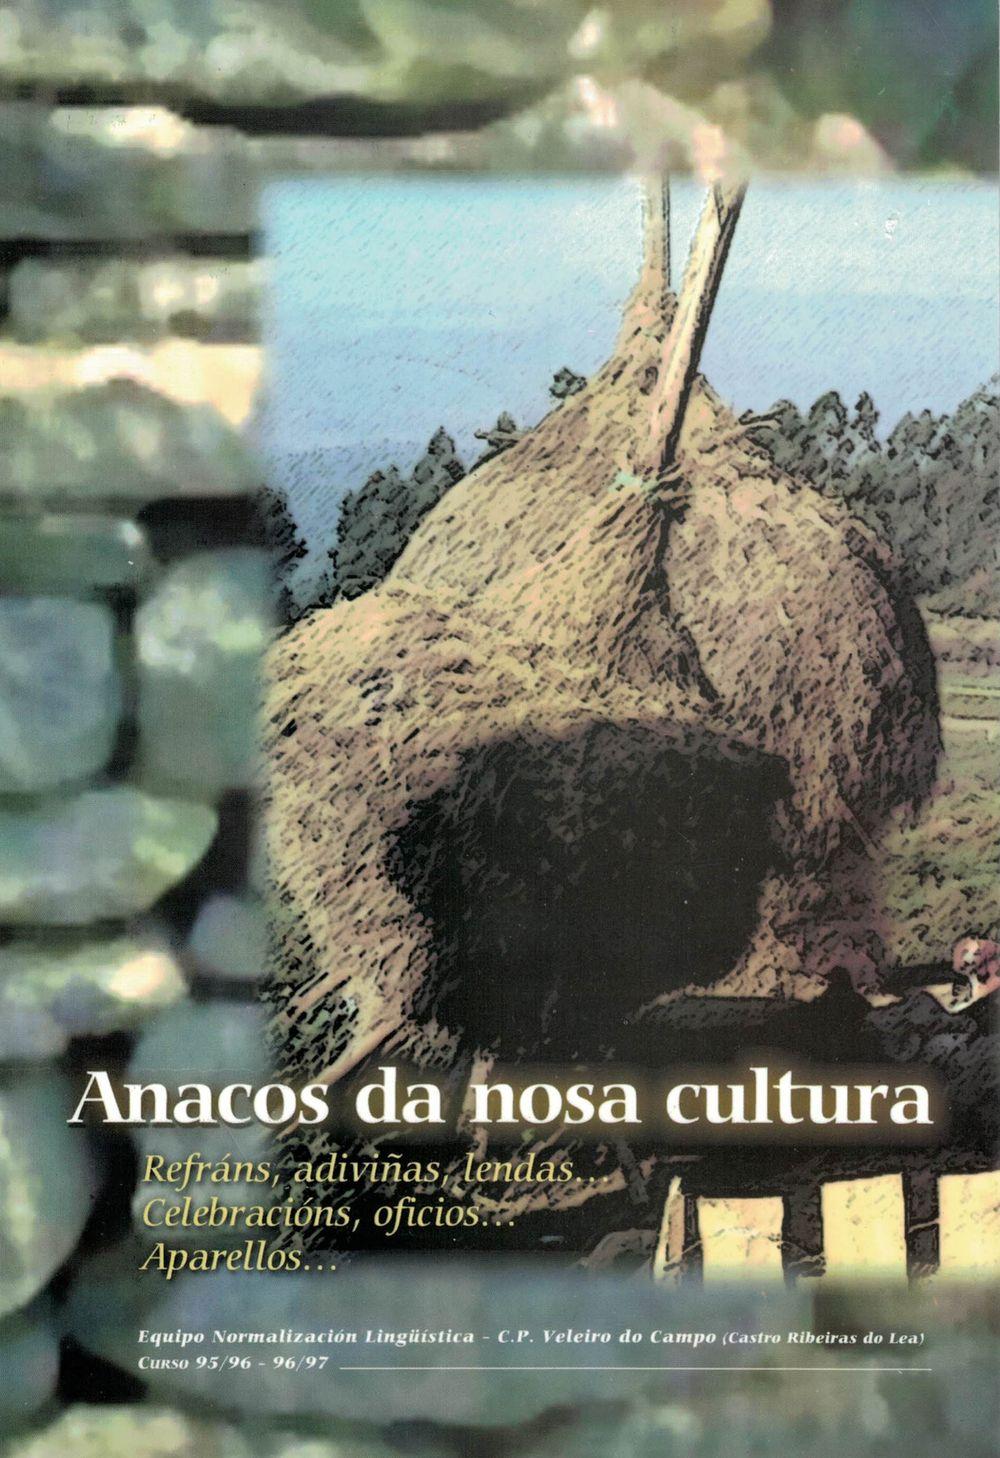 Anacos da Nosa Cultura (Equipo de Normalización Lingüística do C. P. Veleiro do Campo)